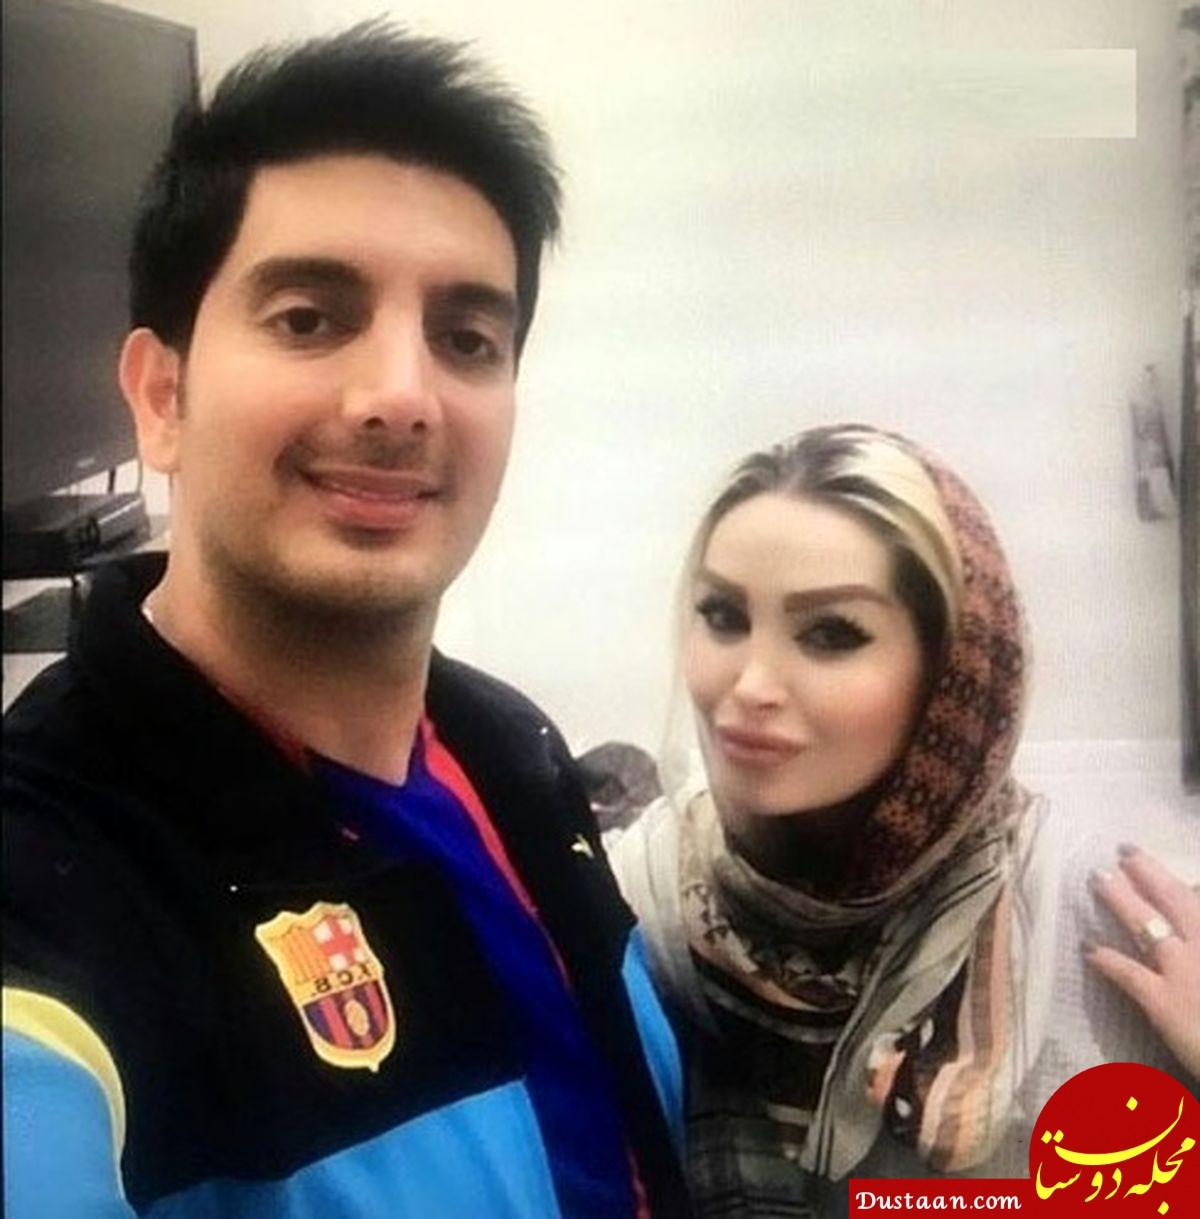 بیوگرافی فرزاد فرزین و همسرش + عکس های دیدنی و زندگی نامه